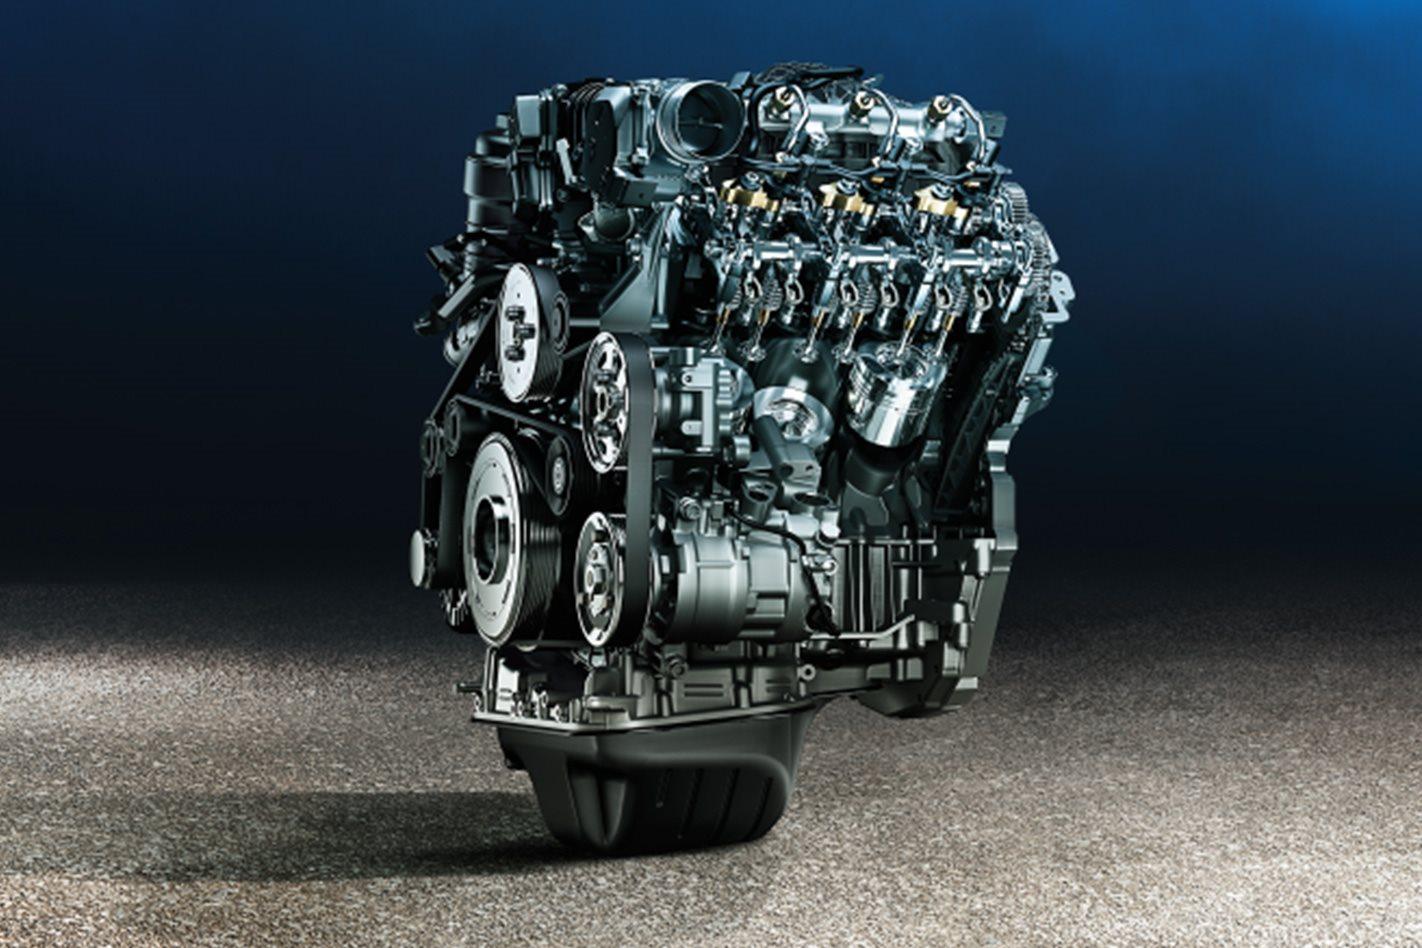 Volkswagen Amarok Sportline V6 engine